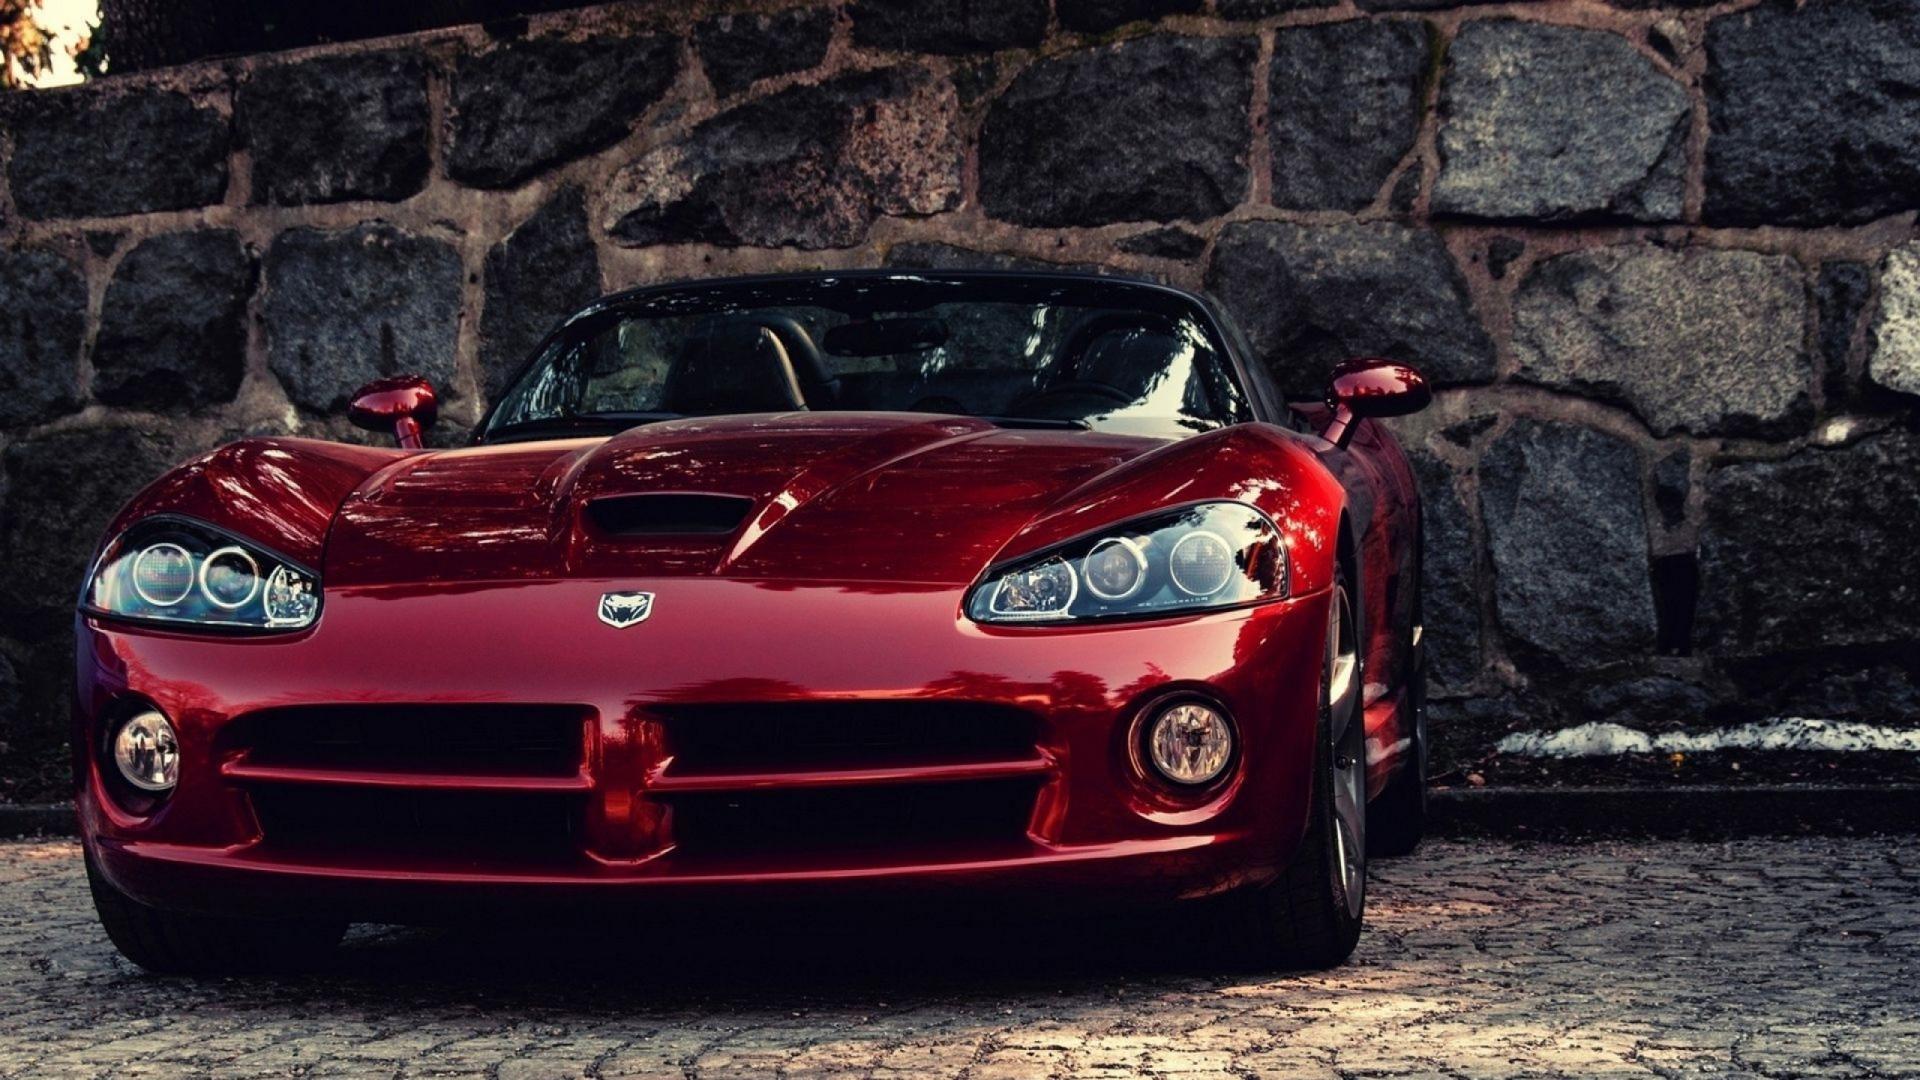 Dodge Viper Auto Red